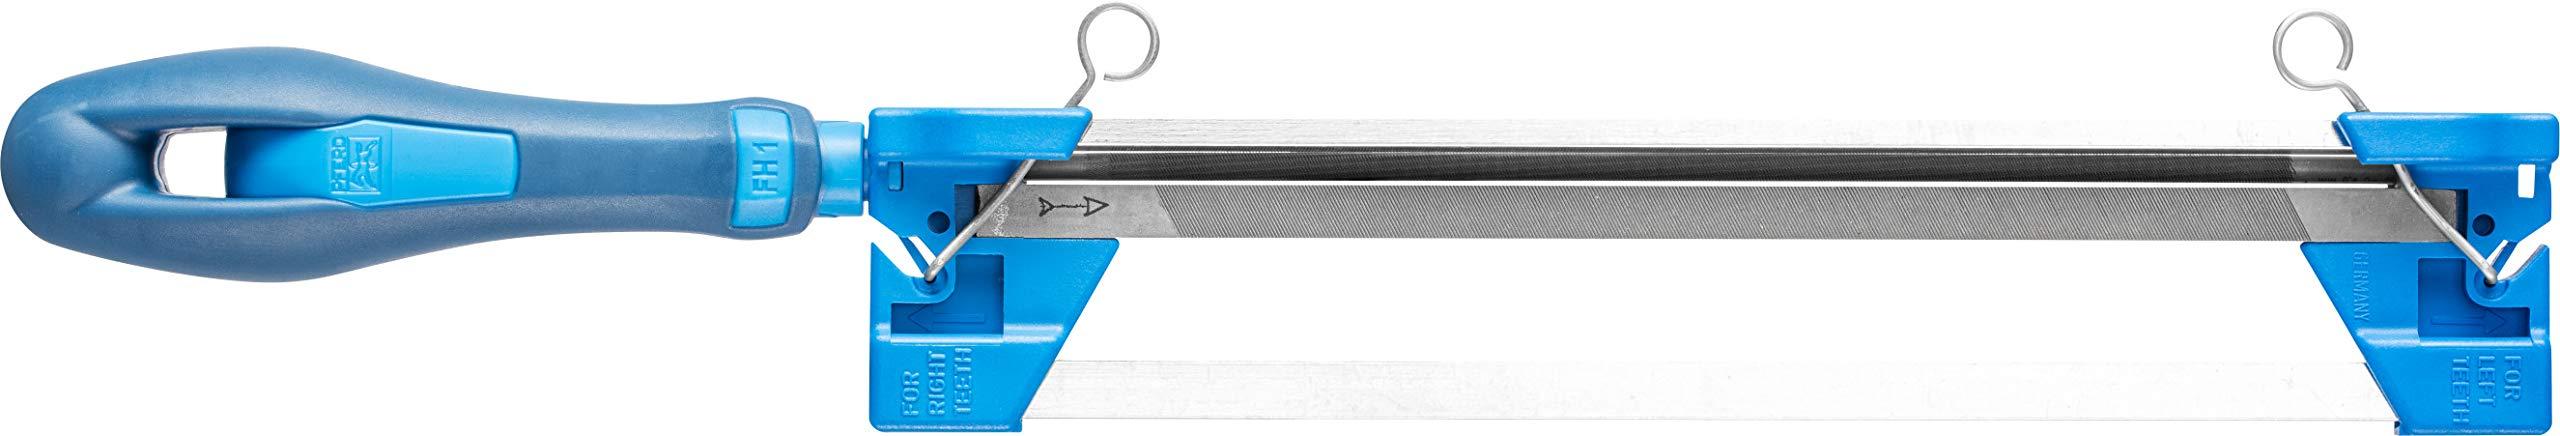 PFERD 17050 5/32'' Chain Saw Sharpener, 0.325'' Chain Pitch by Pferd